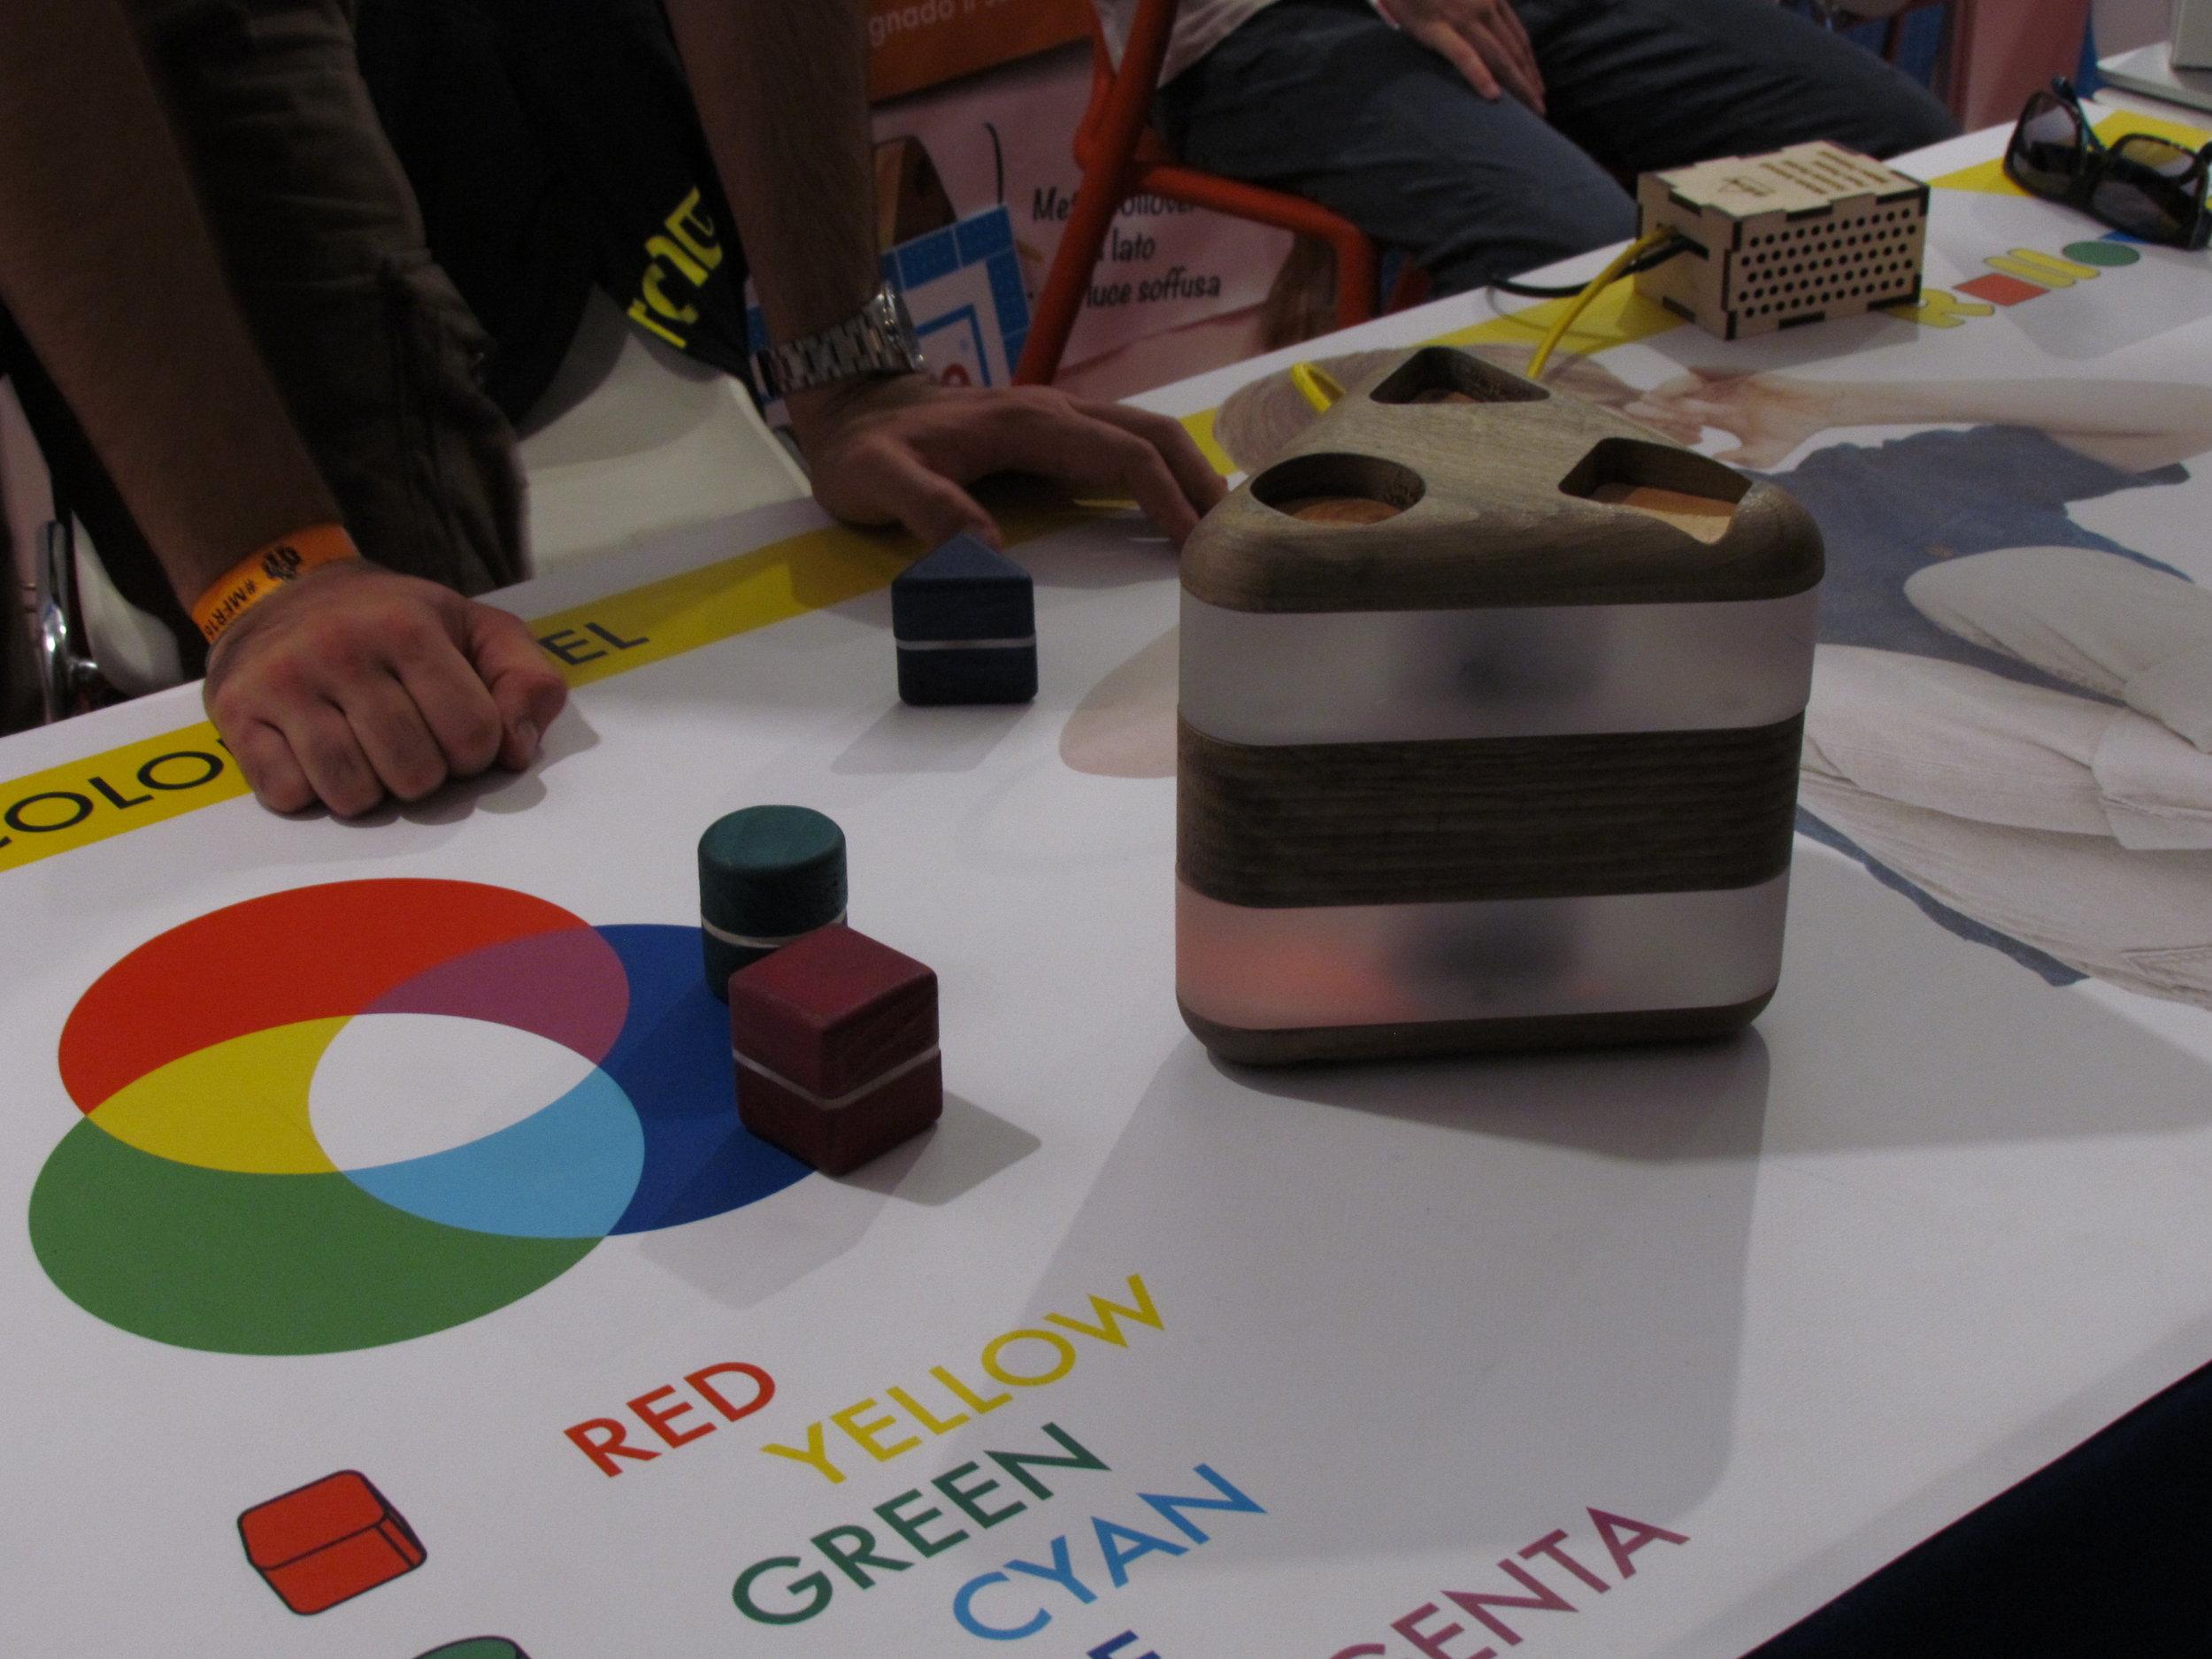 Una lampada che cambia modalità a seconda della posizione, e colore a seconda delle forme inserite